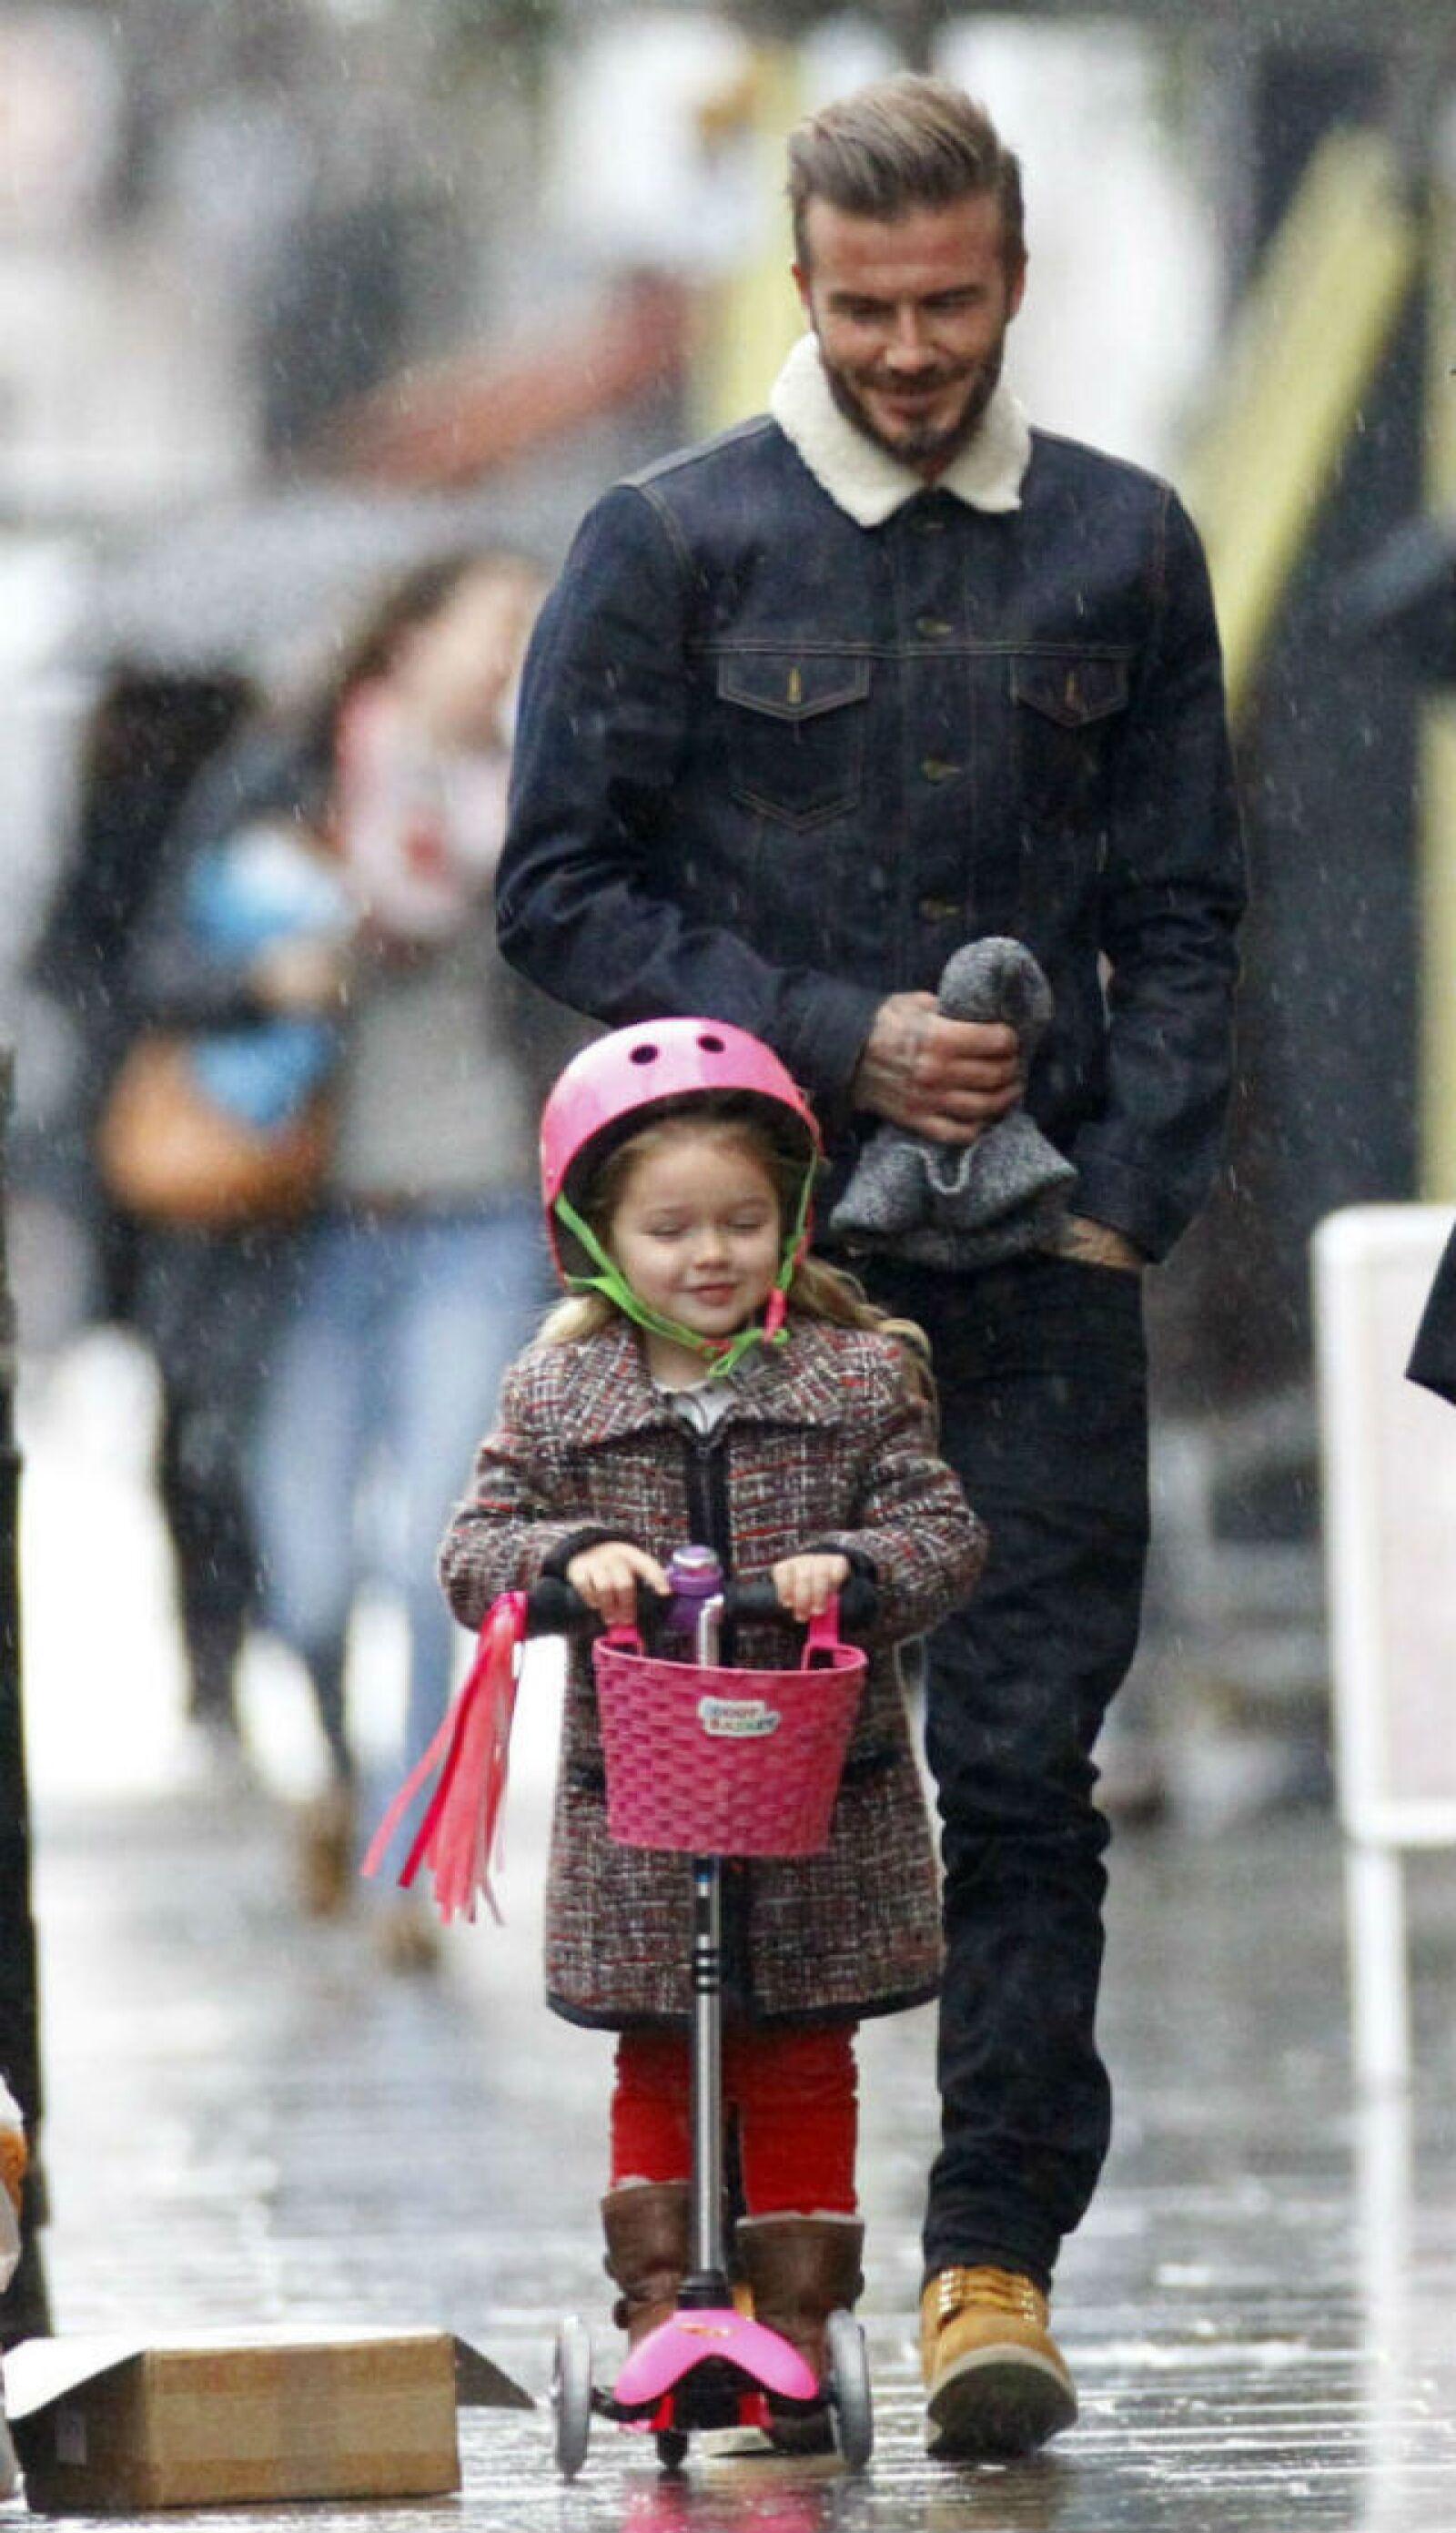 Imposible no derretirse de amor con la foto de David Beckham mirando con ternura a Harper durante su paseo por las calles de Londres.